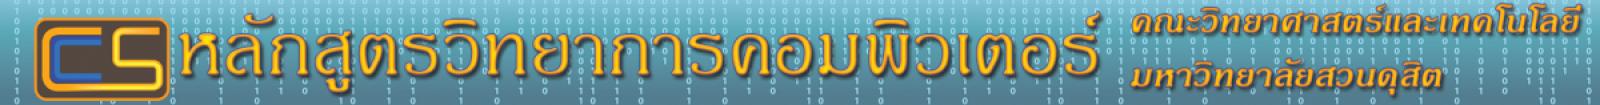 วิทยาการคอมพิวเตอร์ มหาวิทยาลัยสวนดุสิต